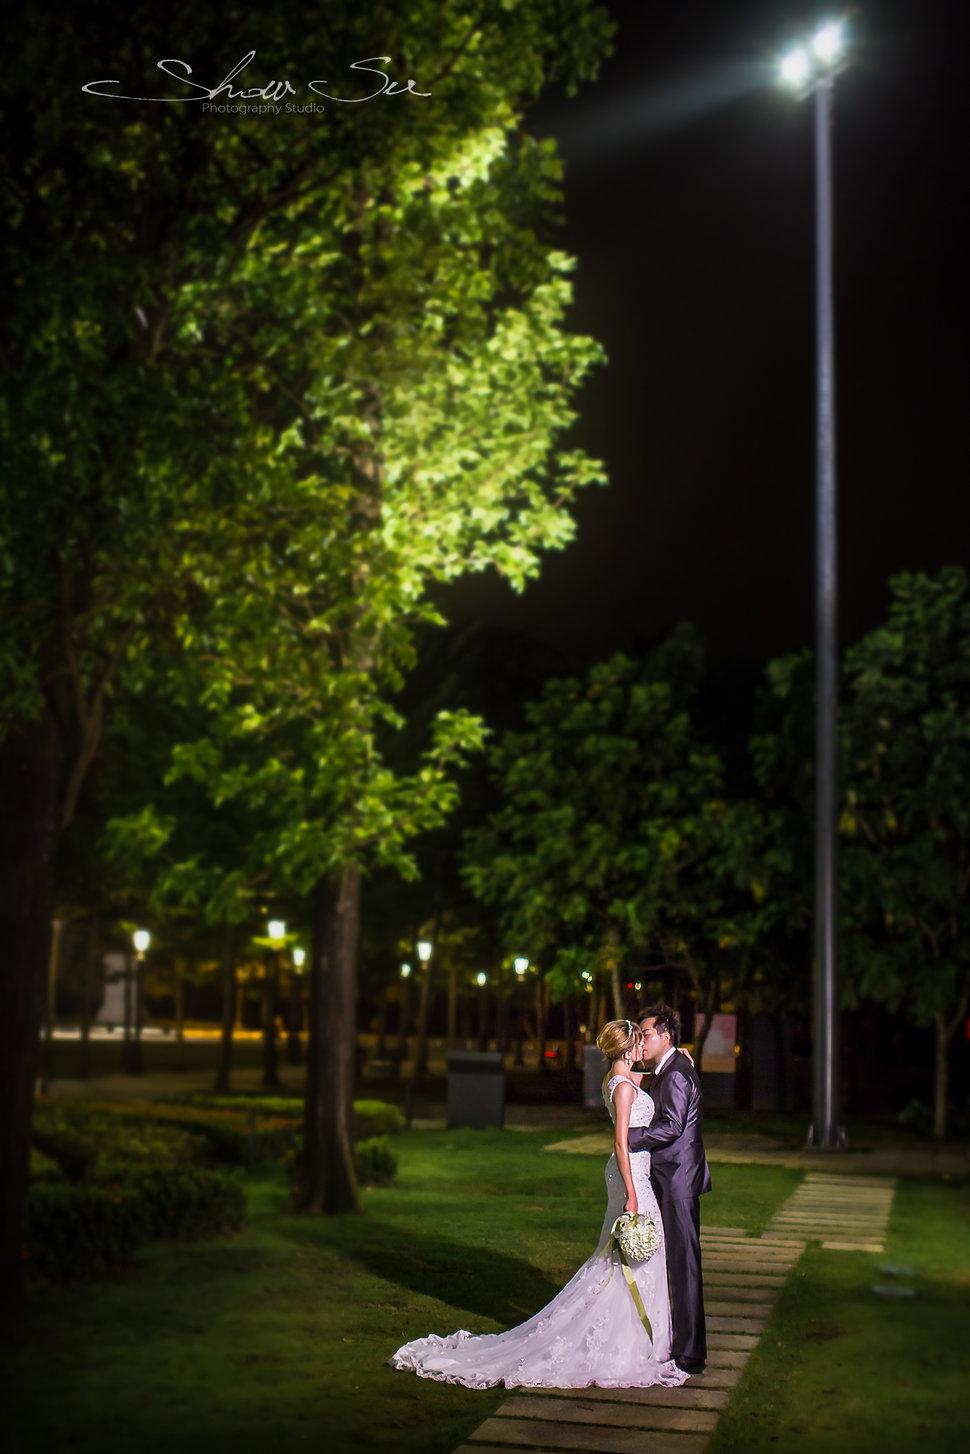 [自助婚紗] Shawn & Melissa│奇美博物館│婚紗攝影│夜景婚紗│銀河婚紗│PRE-WEDDING(編號:436019) - Show Su Photography《結婚吧》